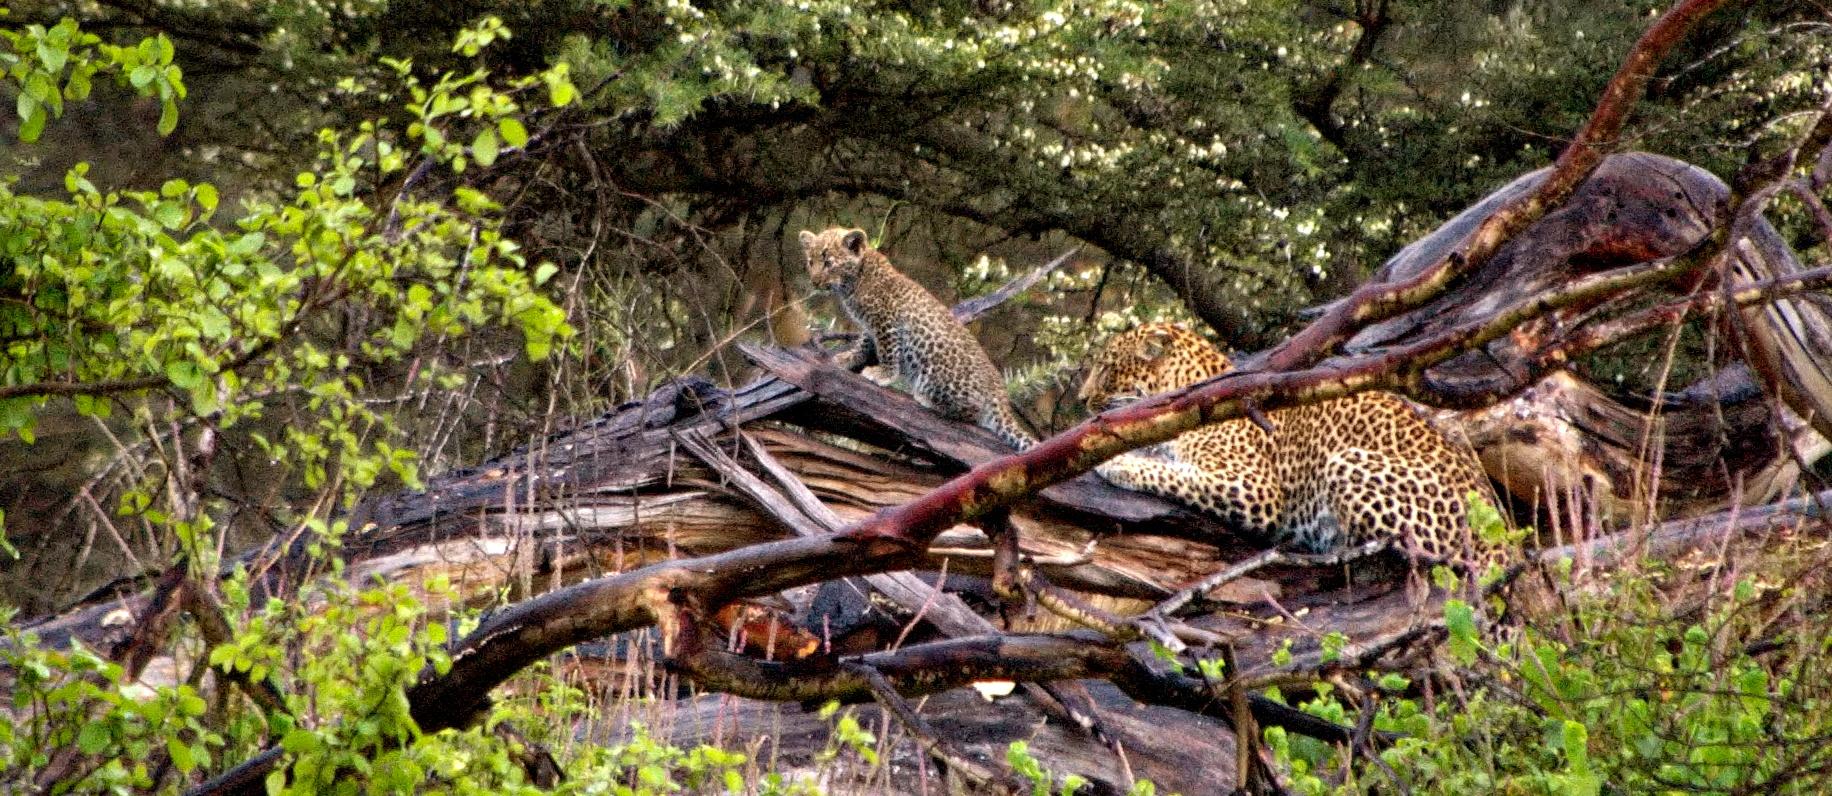 Nasse Leoparden : noch mal